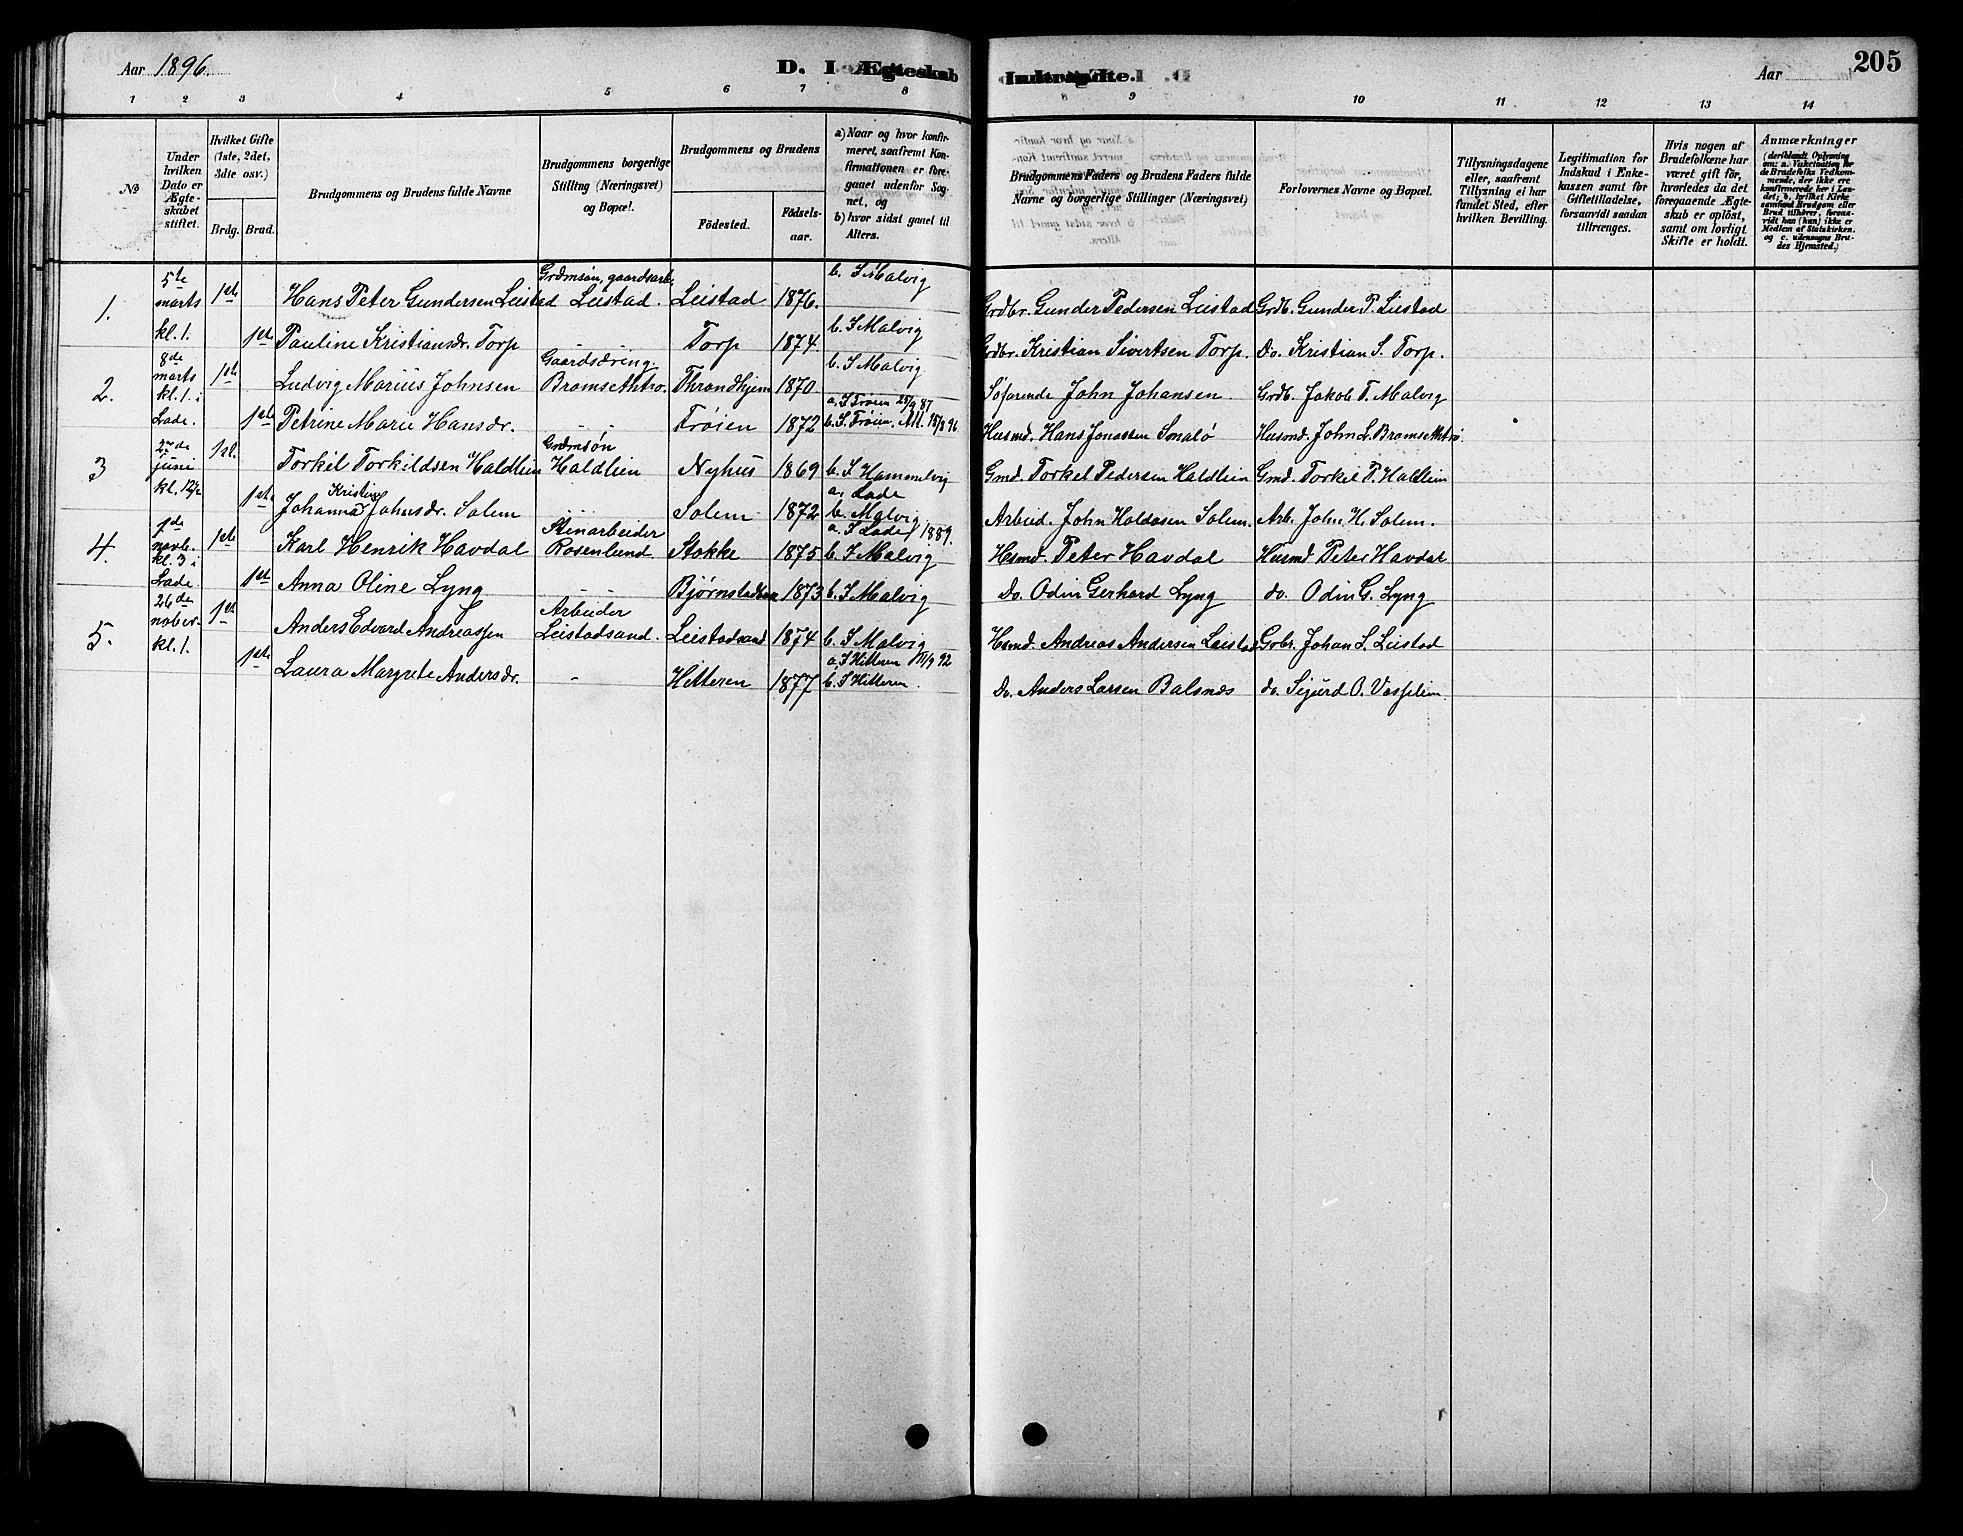 SAT, Ministerialprotokoller, klokkerbøker og fødselsregistre - Sør-Trøndelag, 616/L0423: Klokkerbok nr. 616C06, 1878-1903, s. 205